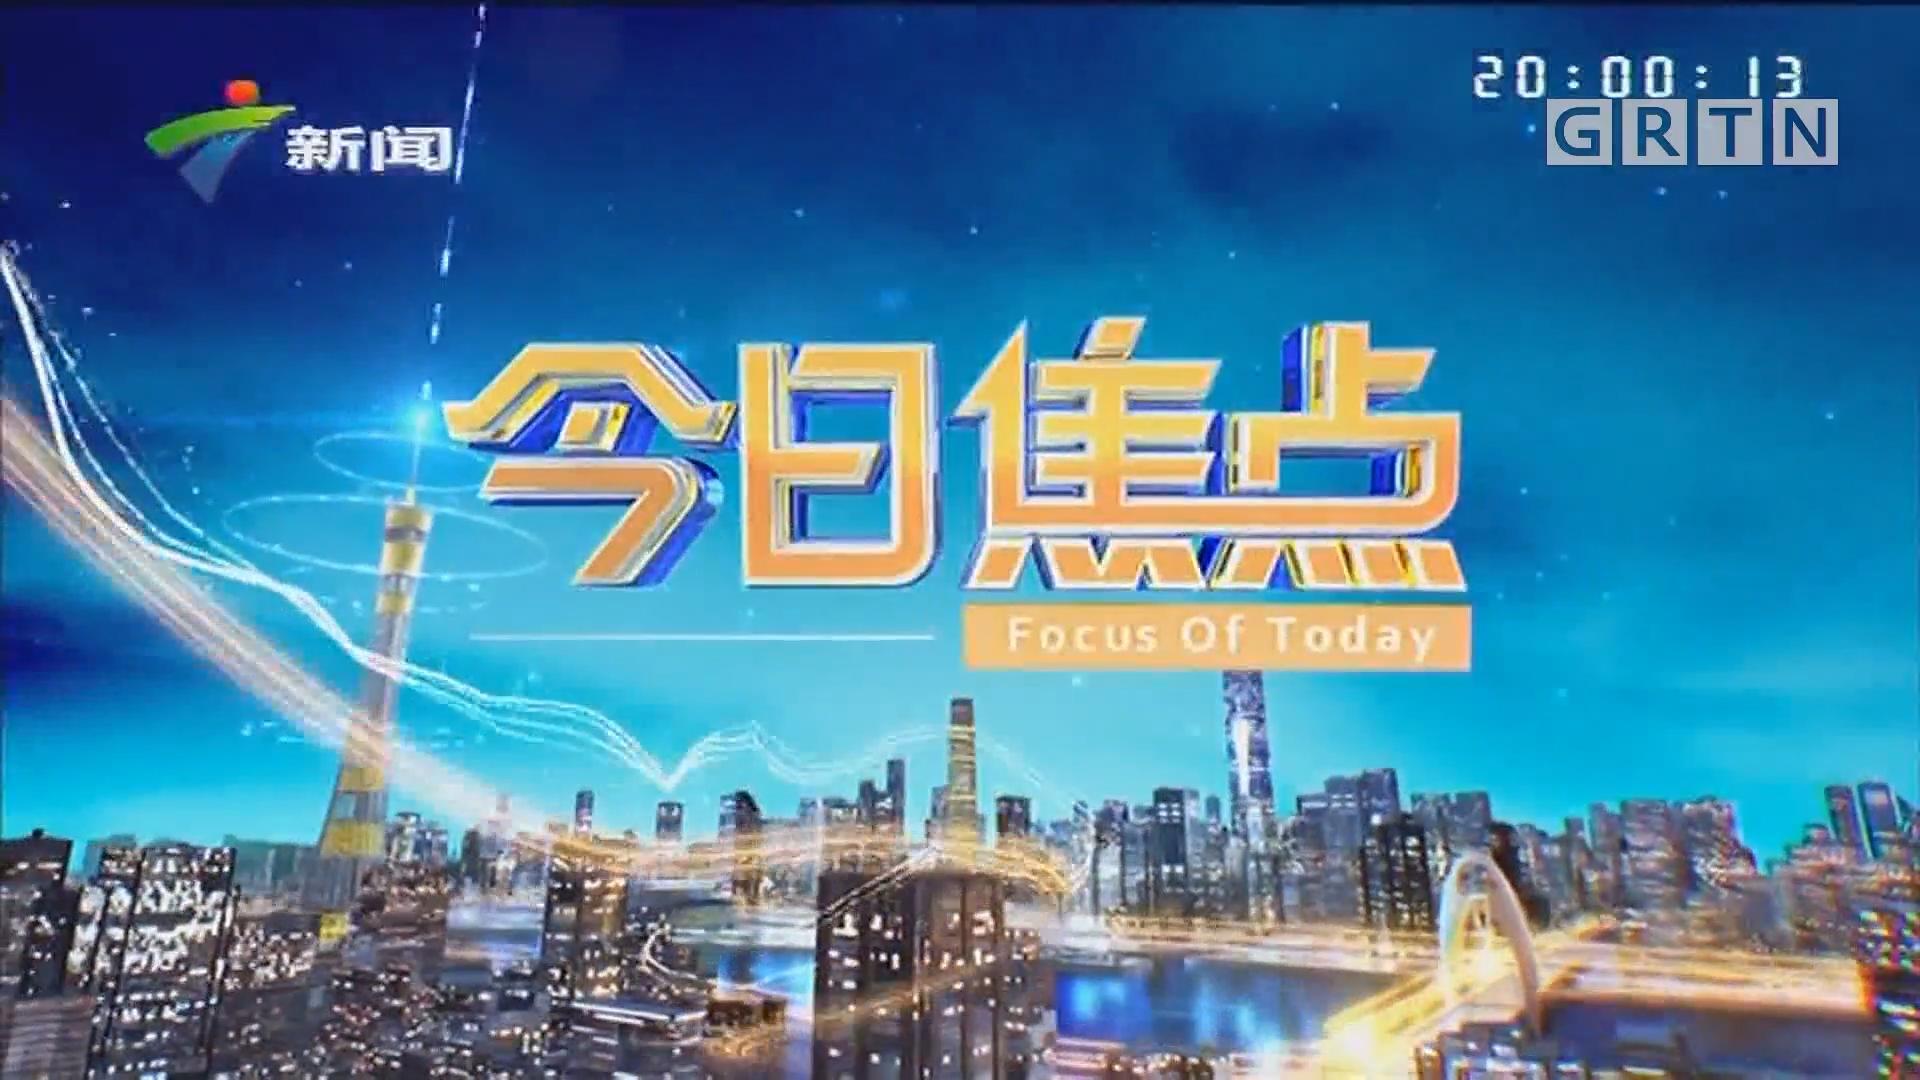 """[HD][2019-09-10]今日焦点:广州:""""羊城天盾-2019"""" 城市人民防空演习本月21日举行"""